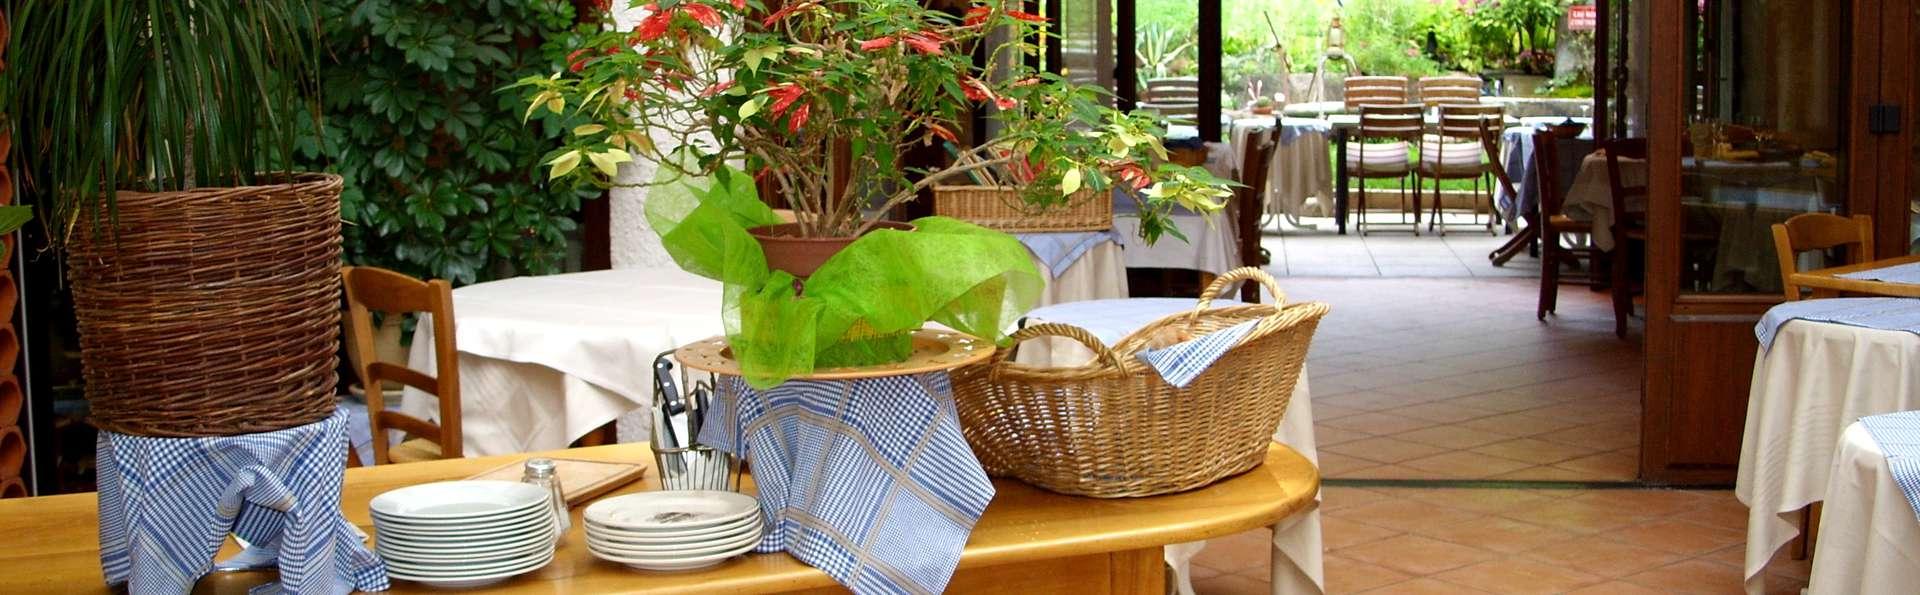 Auberge d'Anthy - Restaurant